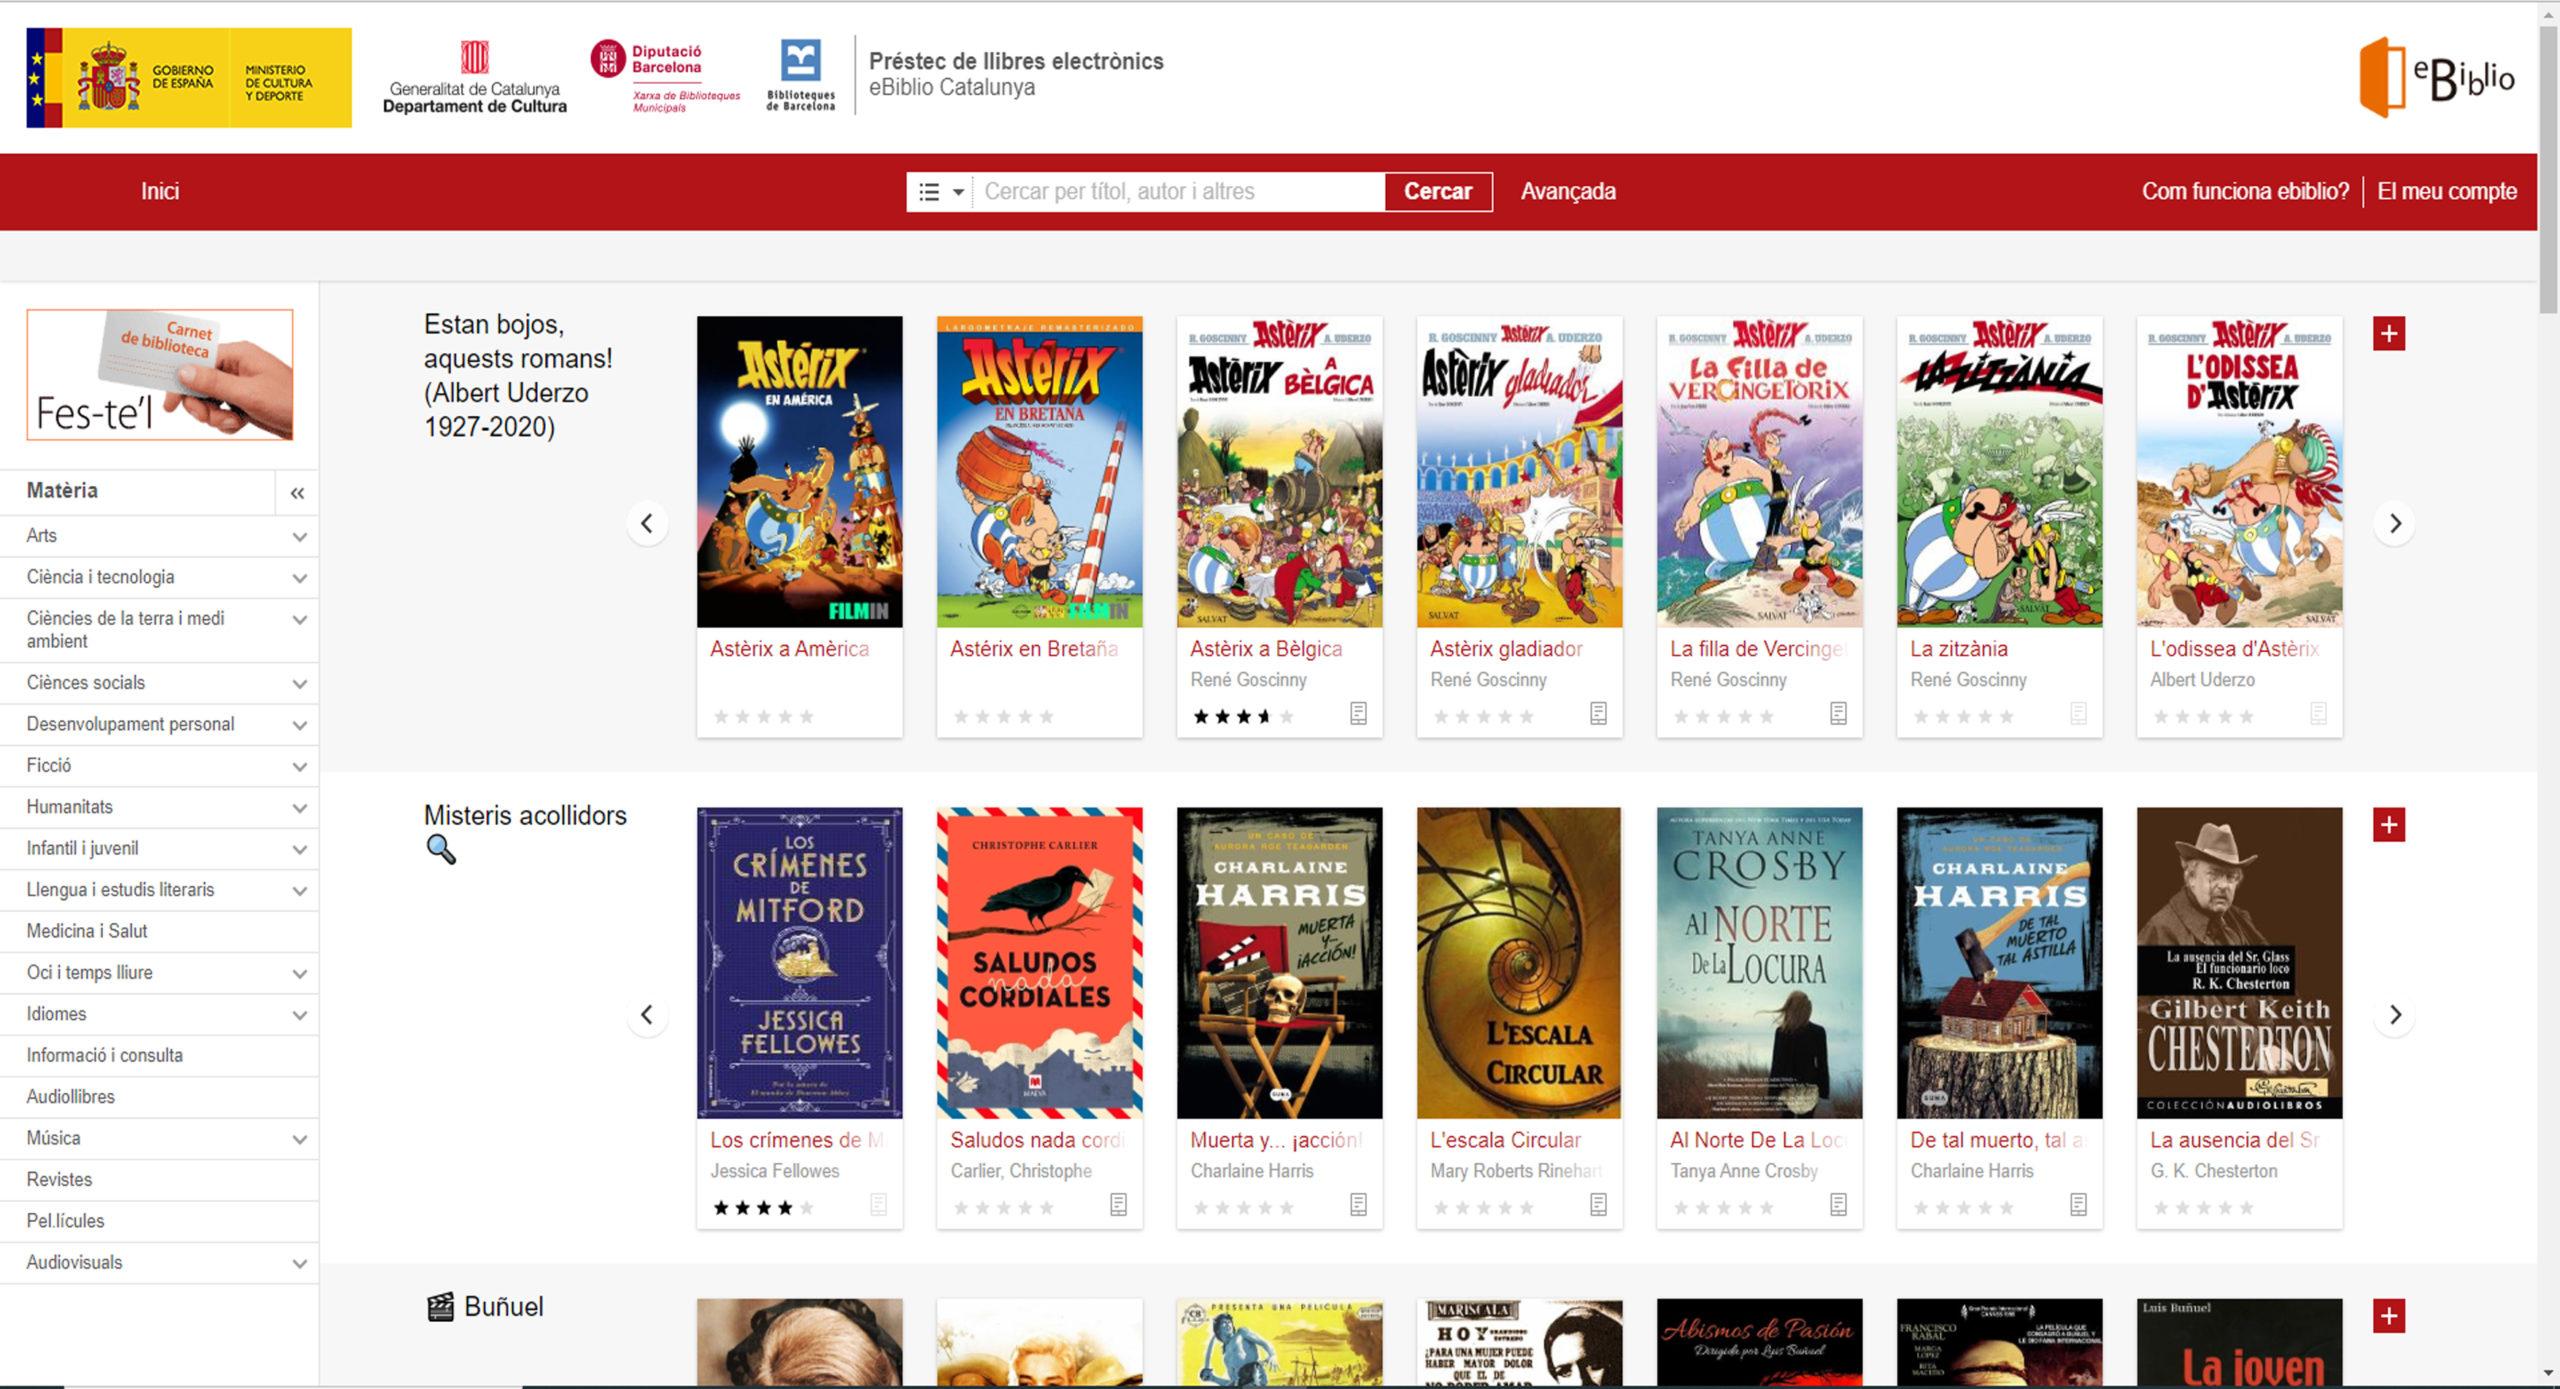 El servei ebiblio ofereix gratuïtament més de 100.000 títols entre llibres, música i cinema